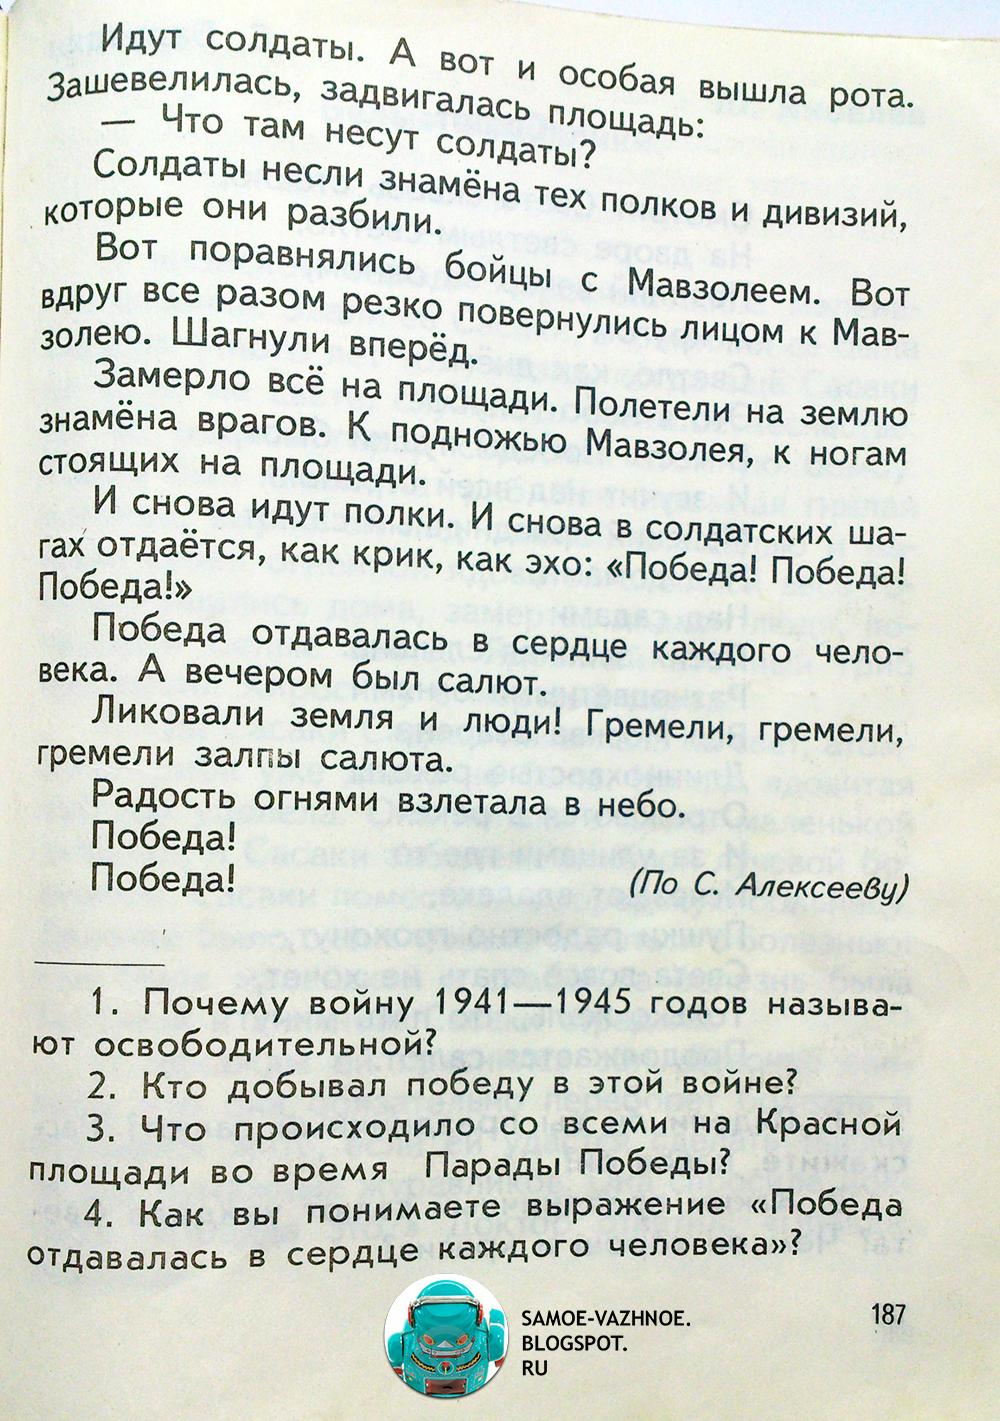 Парад победы по Алексееву читать онлайн учебник скан